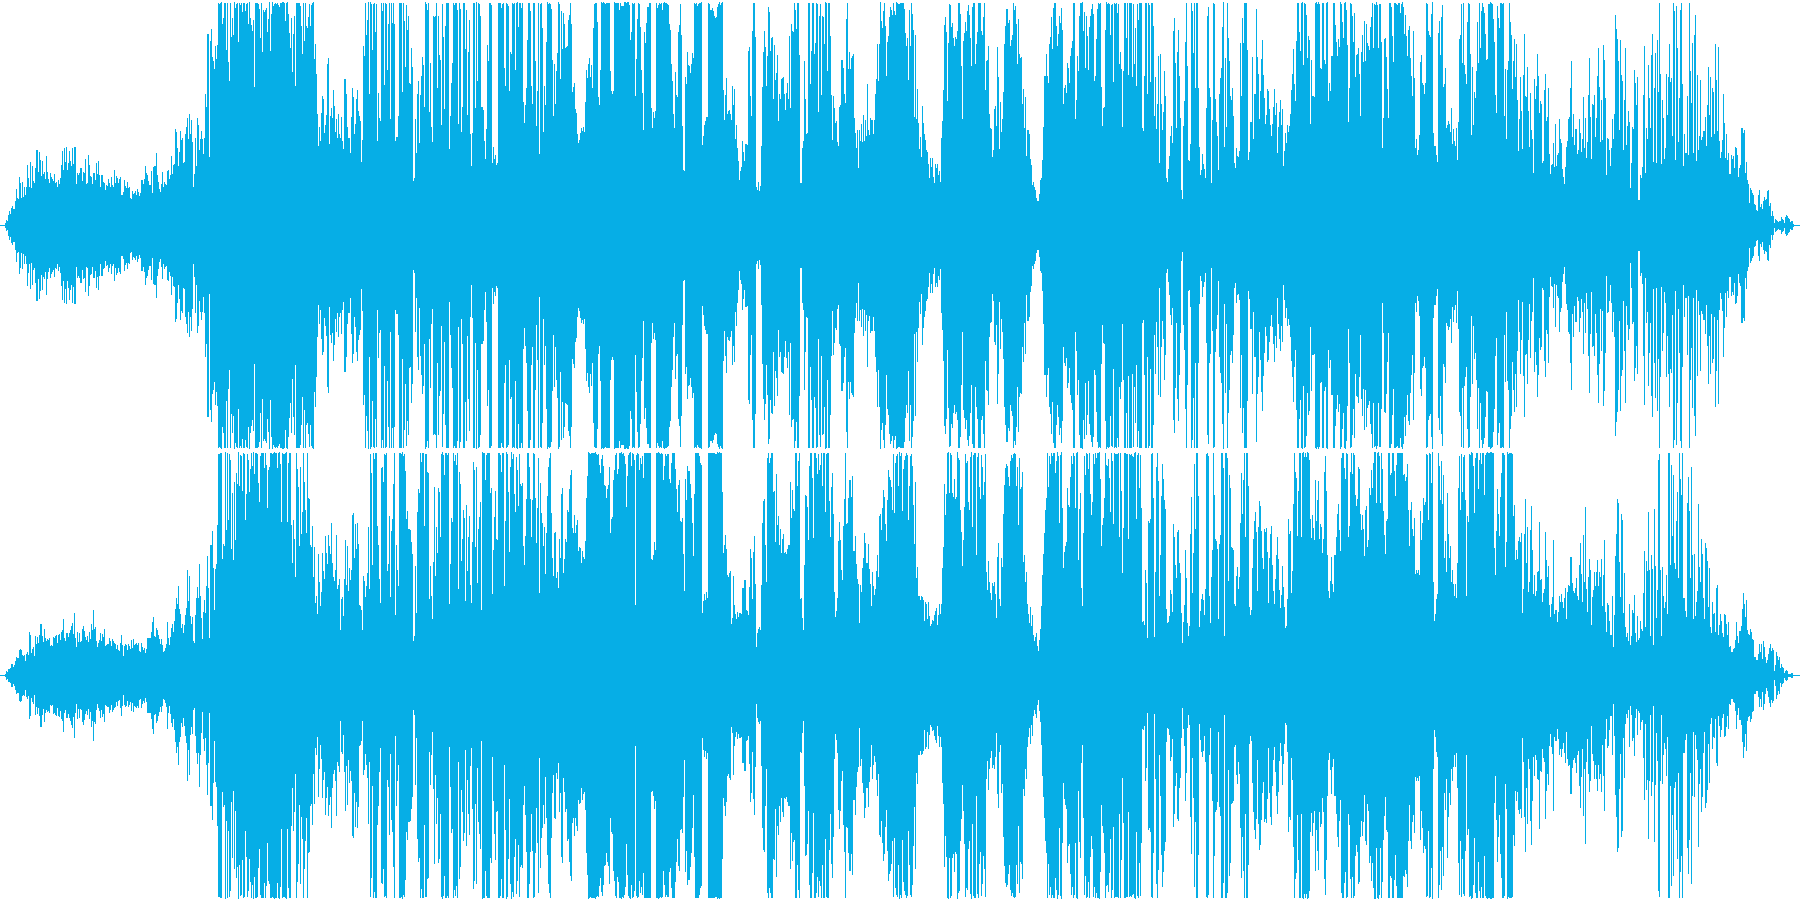 ATMO ABSTRACT Cra...の再生済みの波形